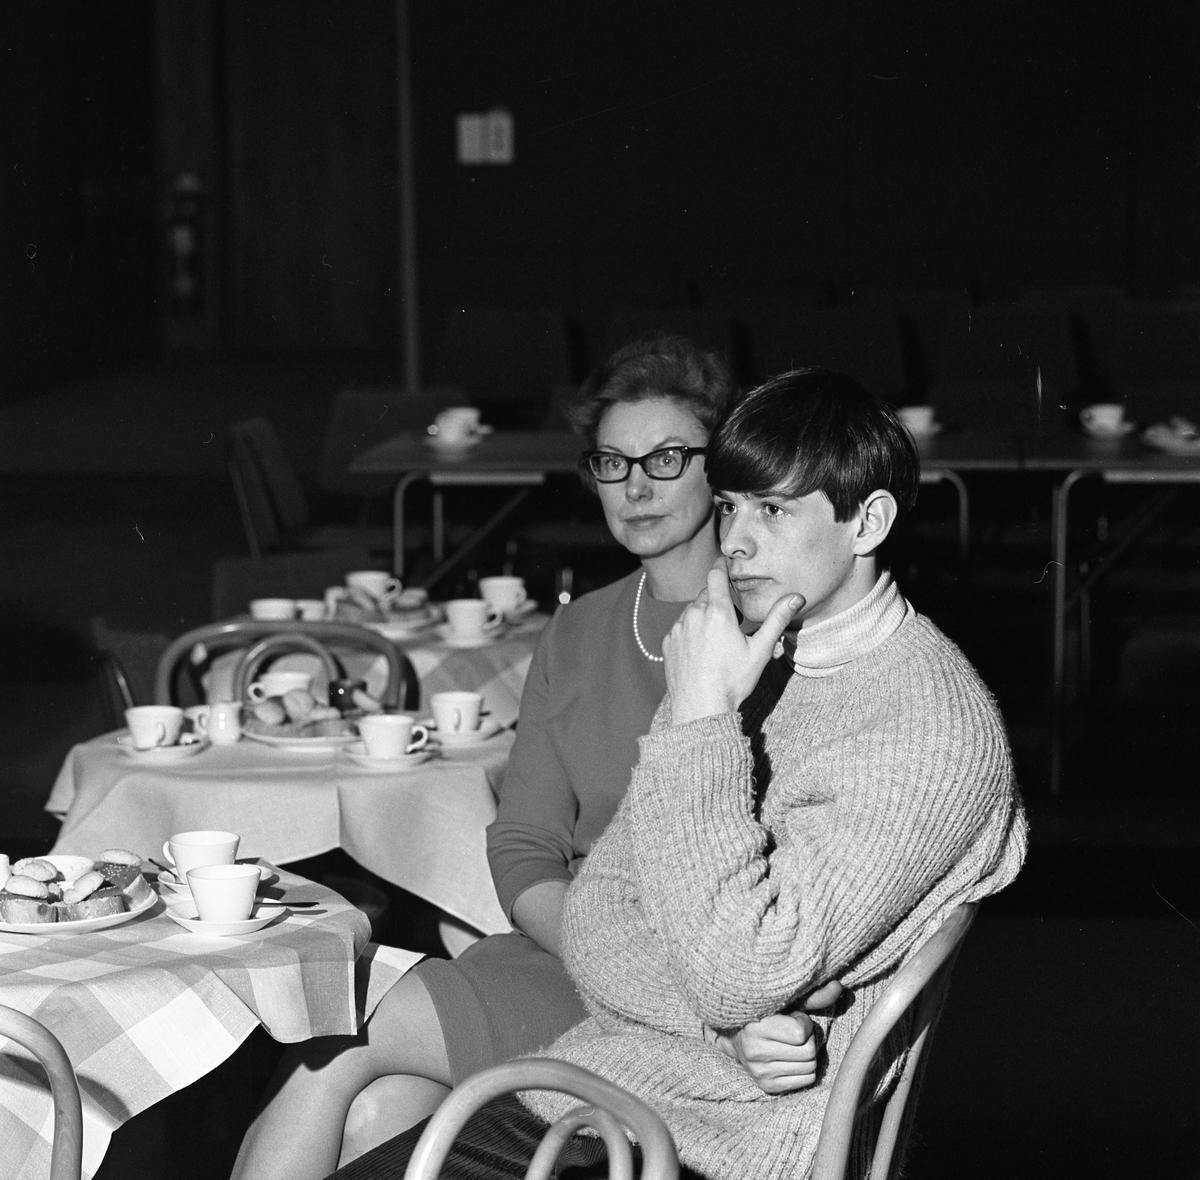 Arbogabor deltar vid radioprogrammet Frukostklubben, ett underhållningsprogram som sänds på lördagsmorgnar. En kvinna och en ung man sitter vid ett runt bord och dricker kaffe.